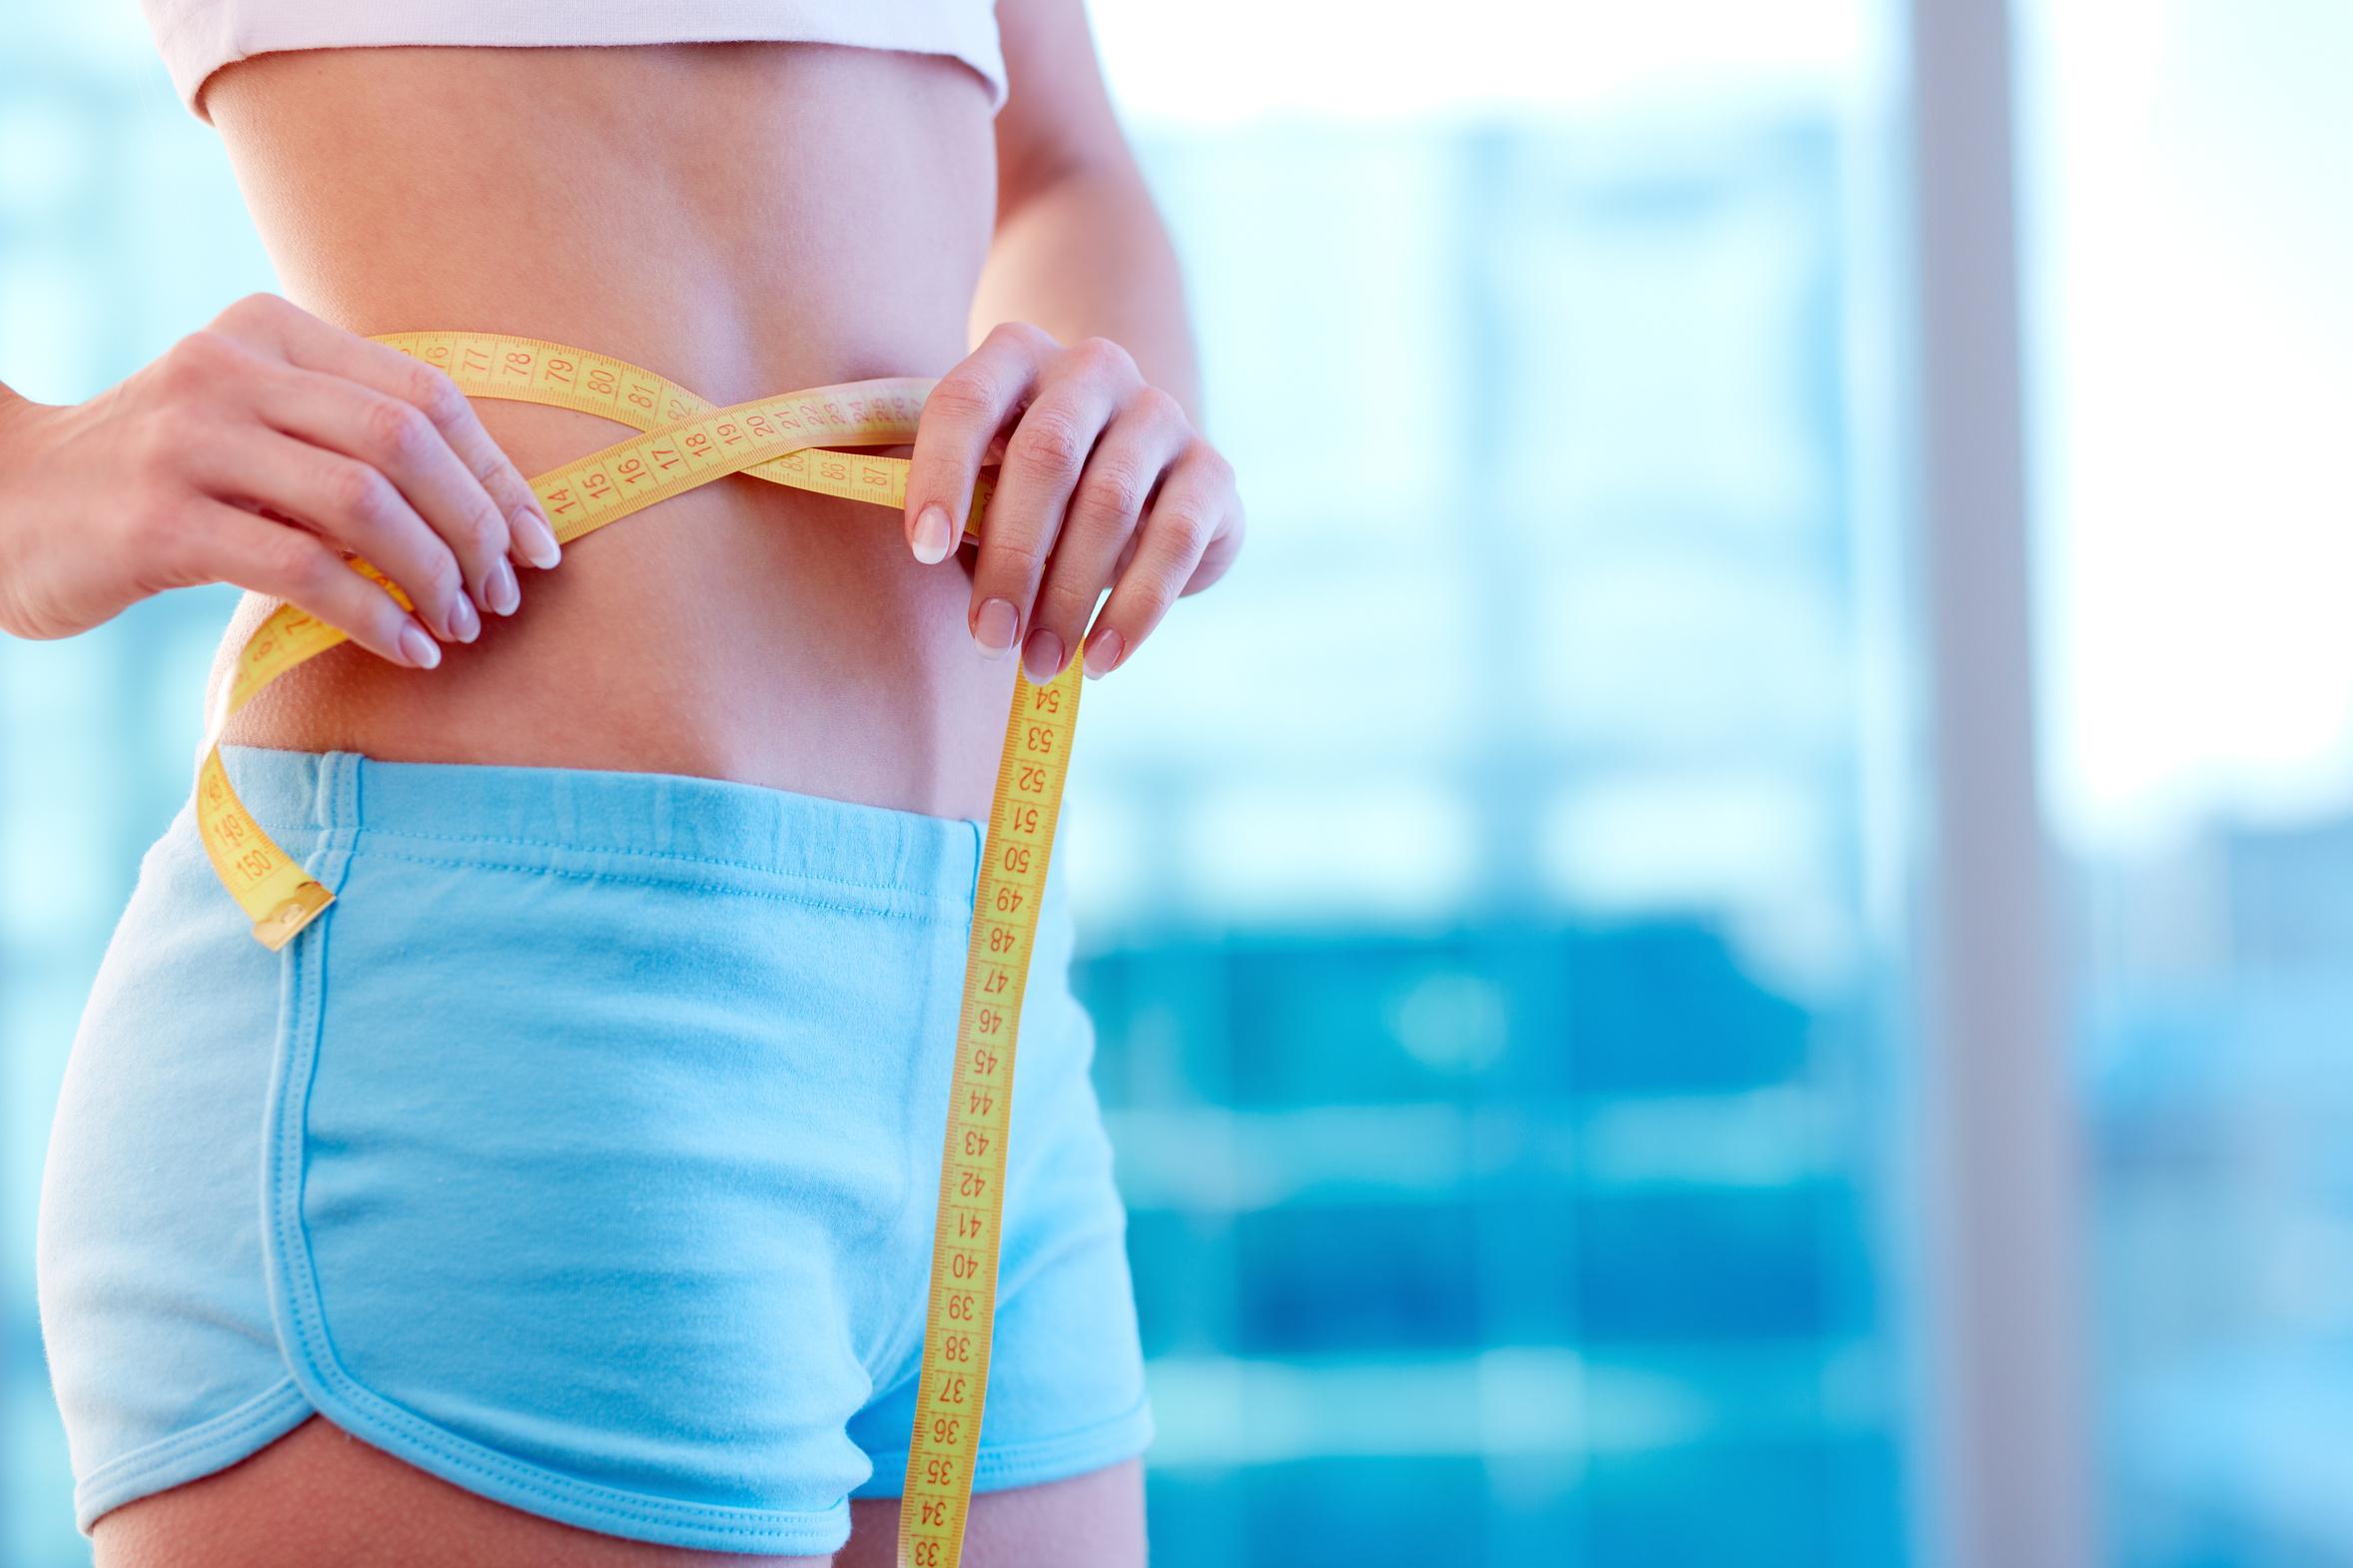 obiceiuri minime de pierdere în greutate